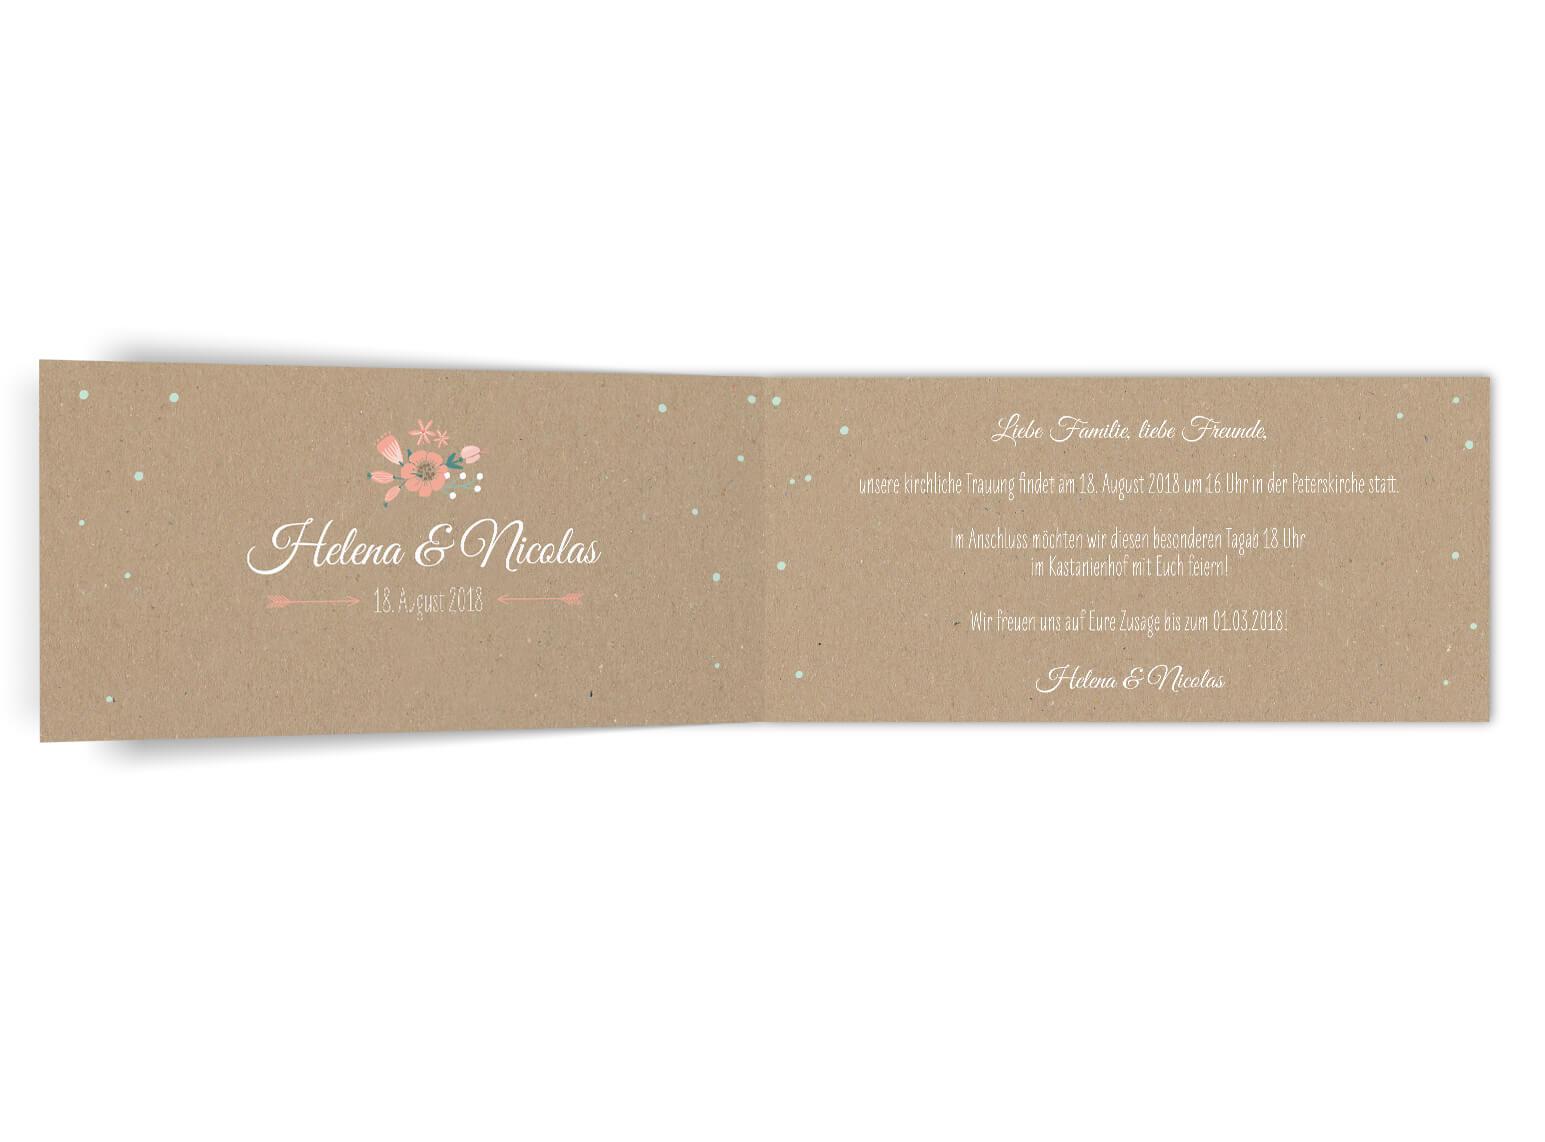 Romantisch Vintage sommer Hochzeitseinladung Klappkarte langformat